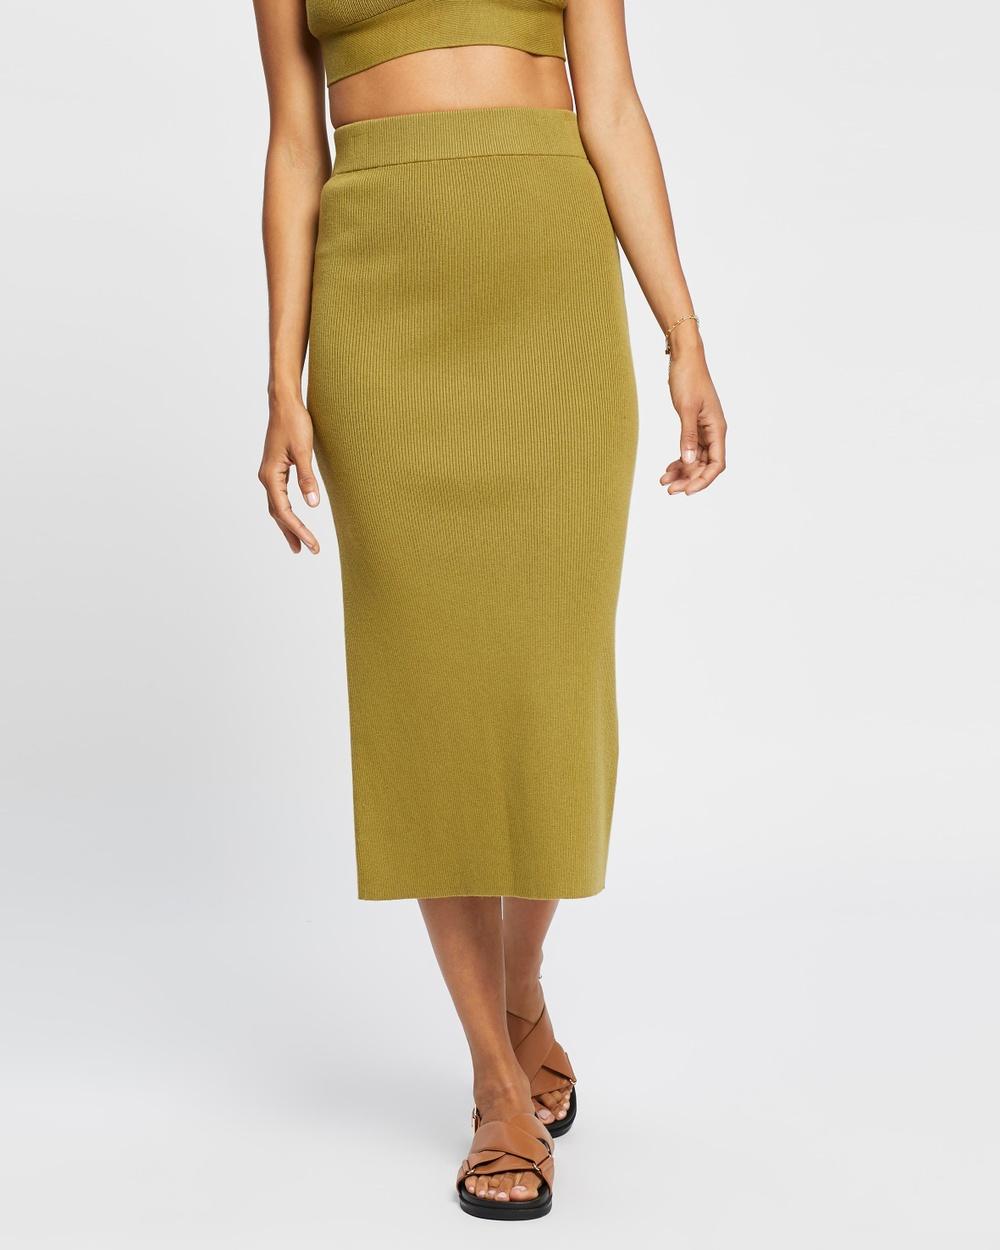 AERE Ribbed Midi Skirt Skirts Olive Oil